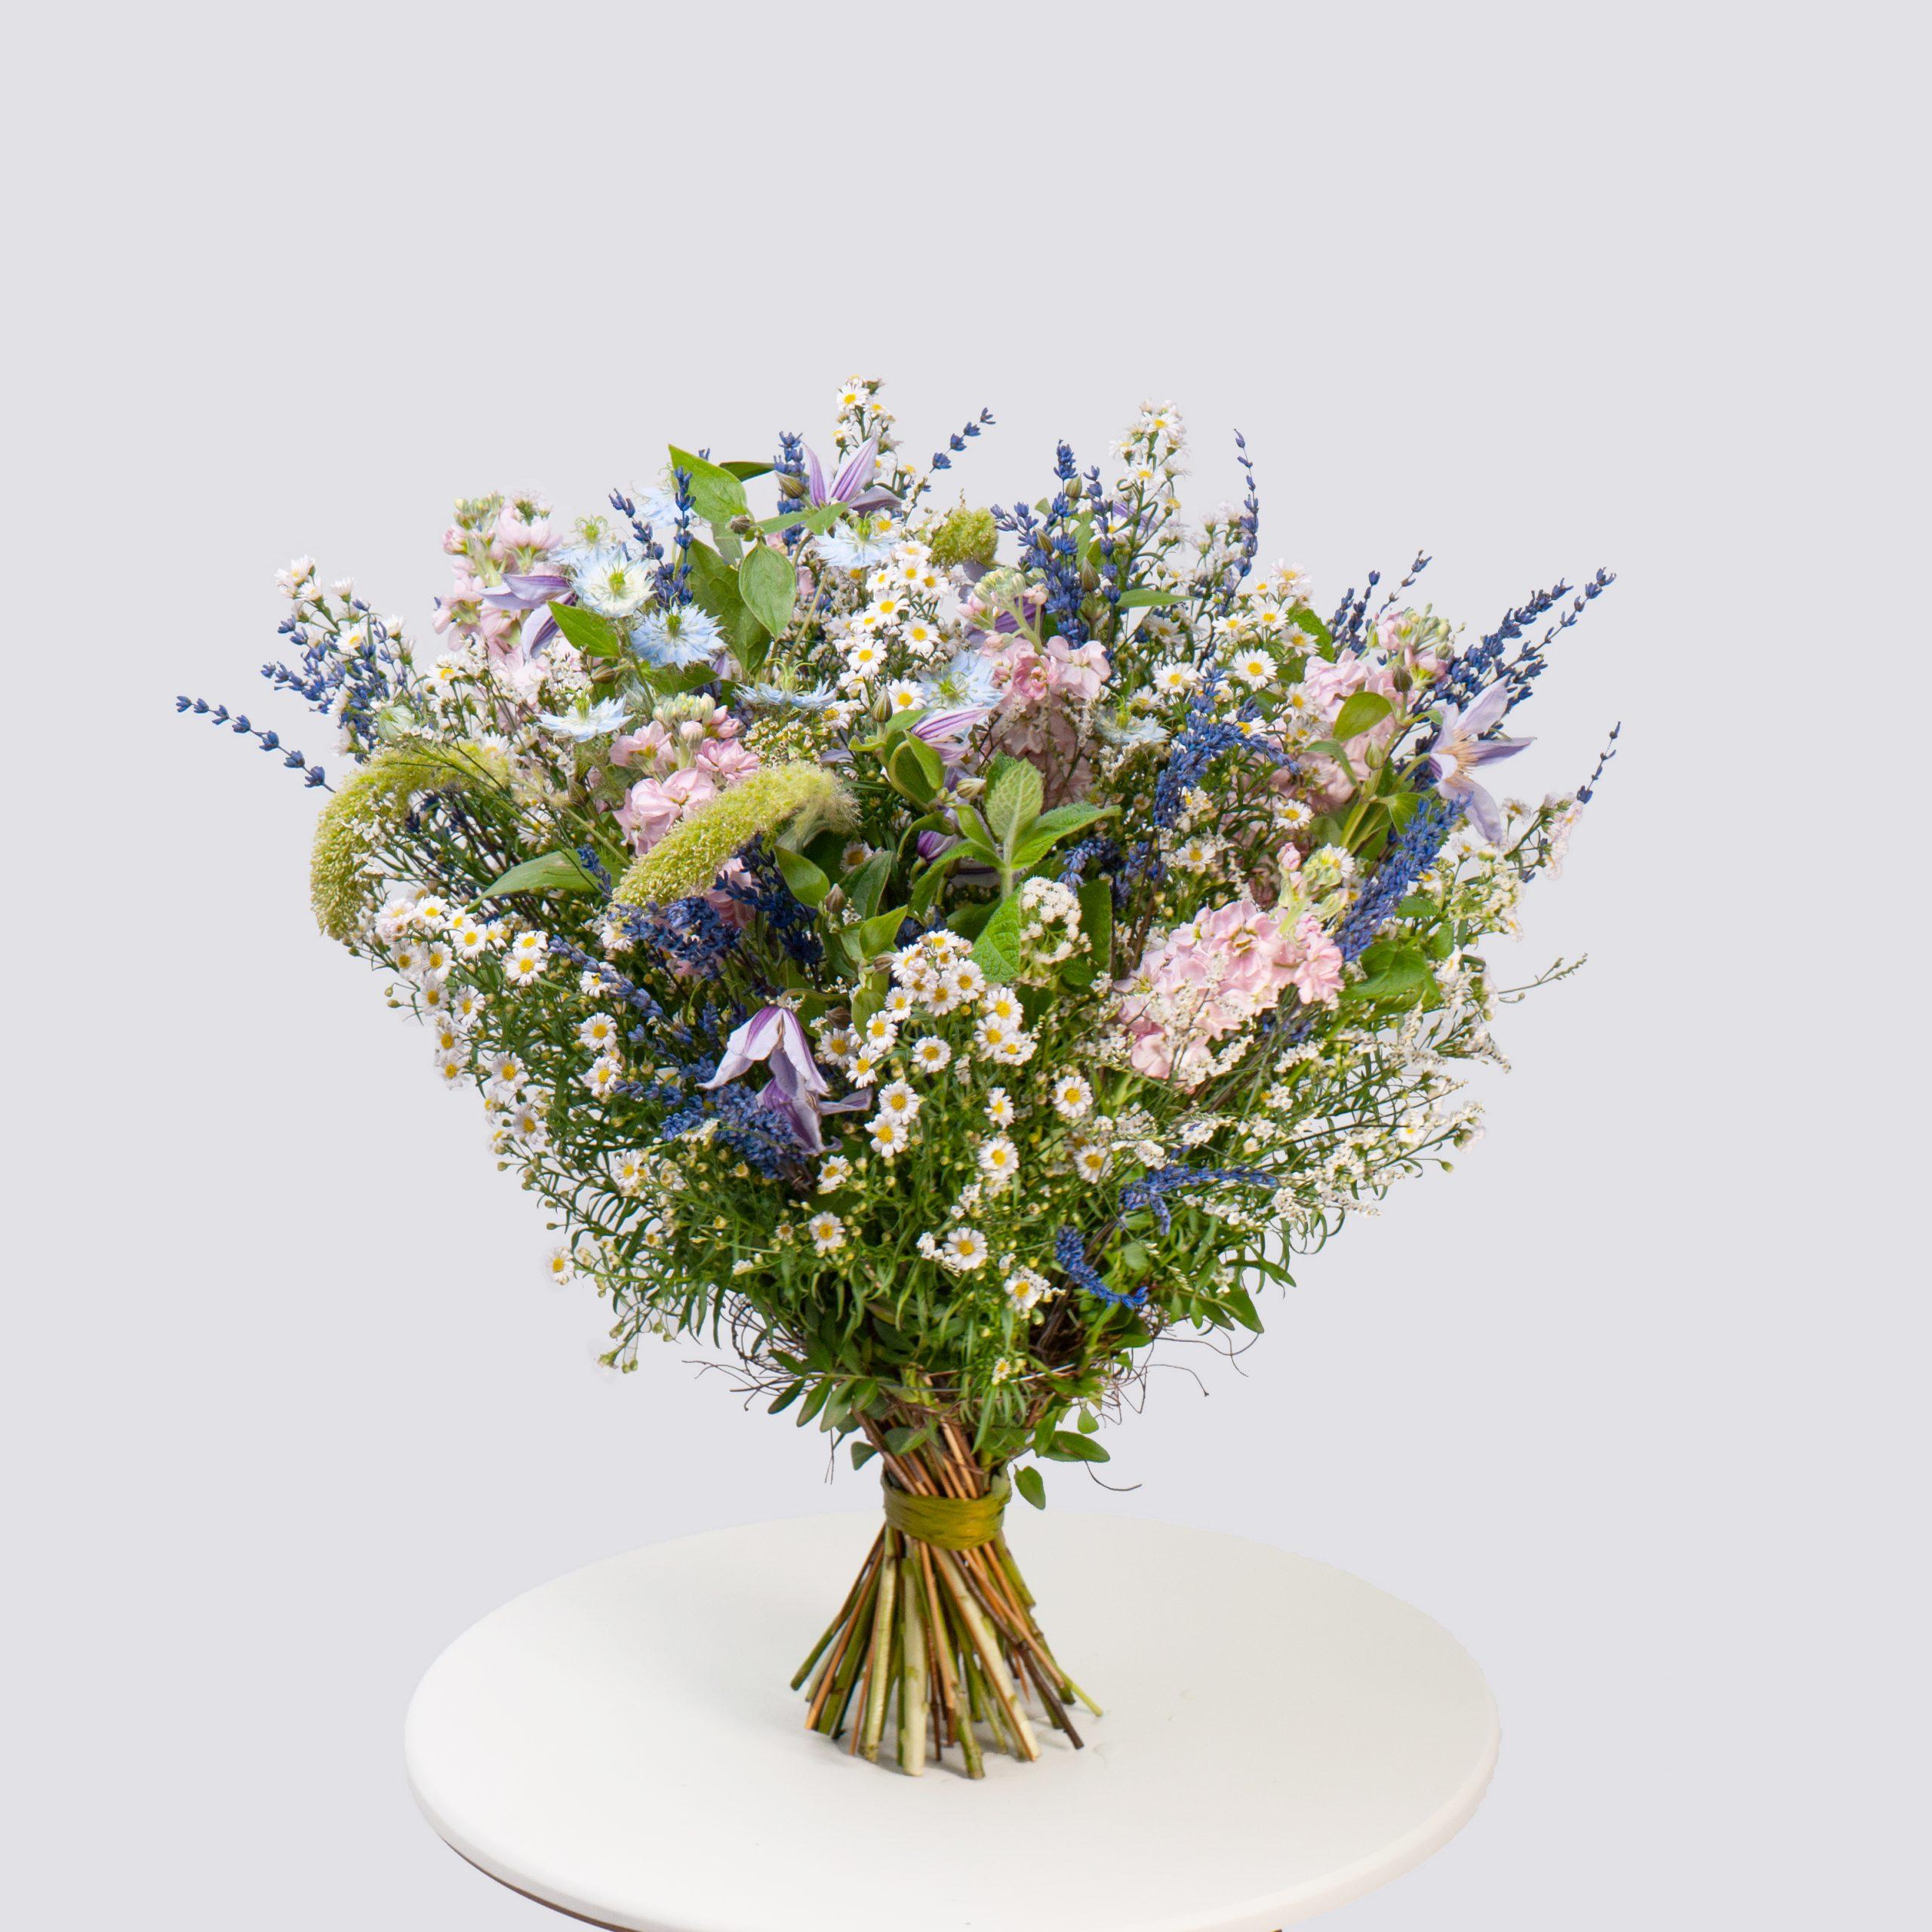 Полевой букет с лавандой №50 - купить цветы в Санкт Петербурге